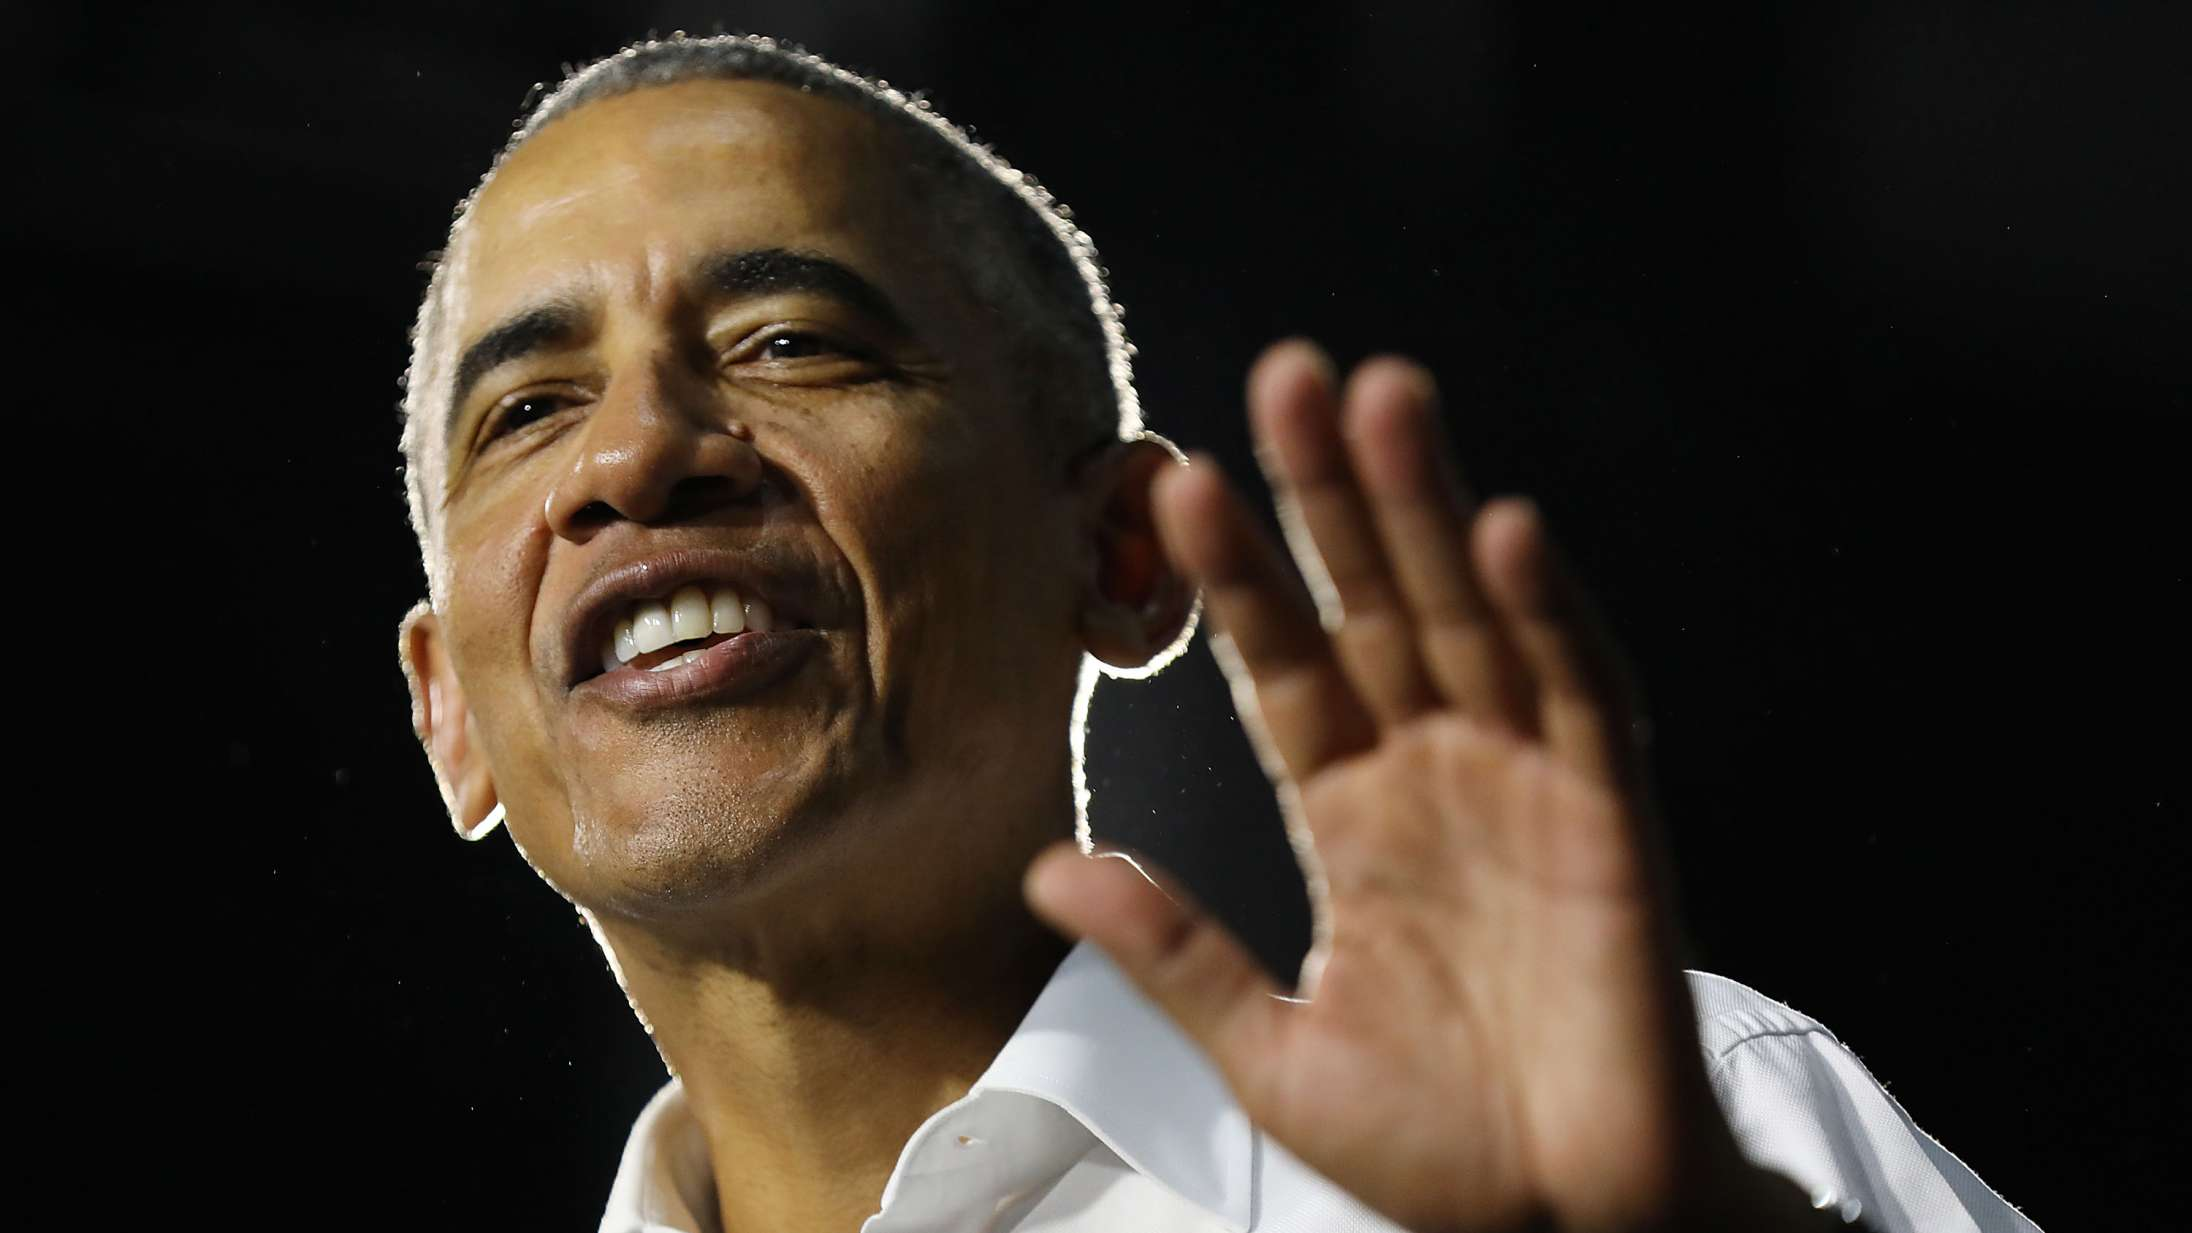 Barack Obama deler ny playliste inspireret af sin præsidentperiode –med Eminem, Beyoncé og Jay-Z